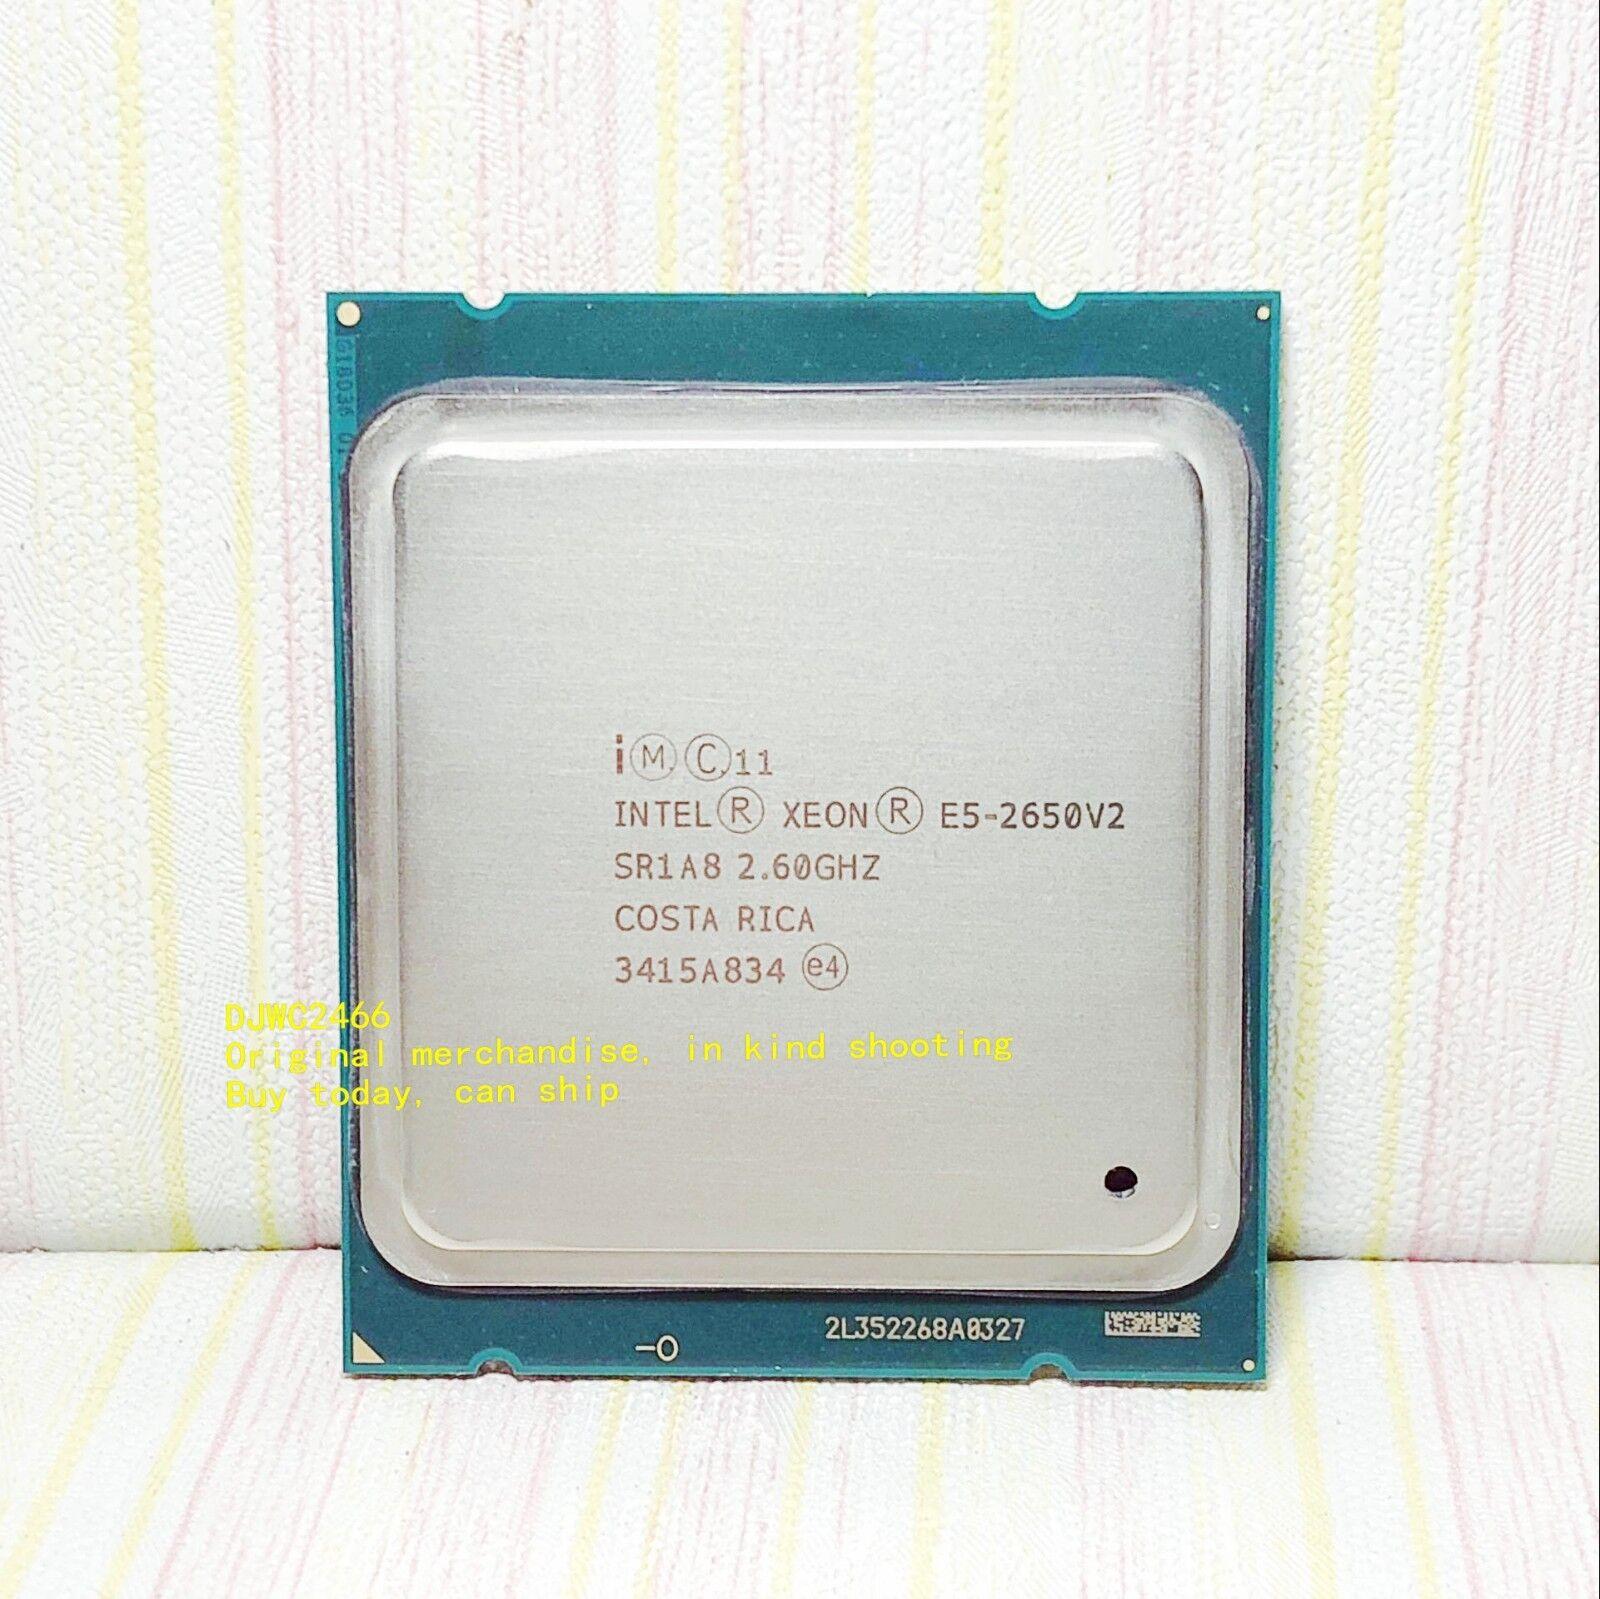 Socket 2.60 GHz Processor TDSOURCING Intel Xeon E5-2650 v2 Octa-core 8 Core